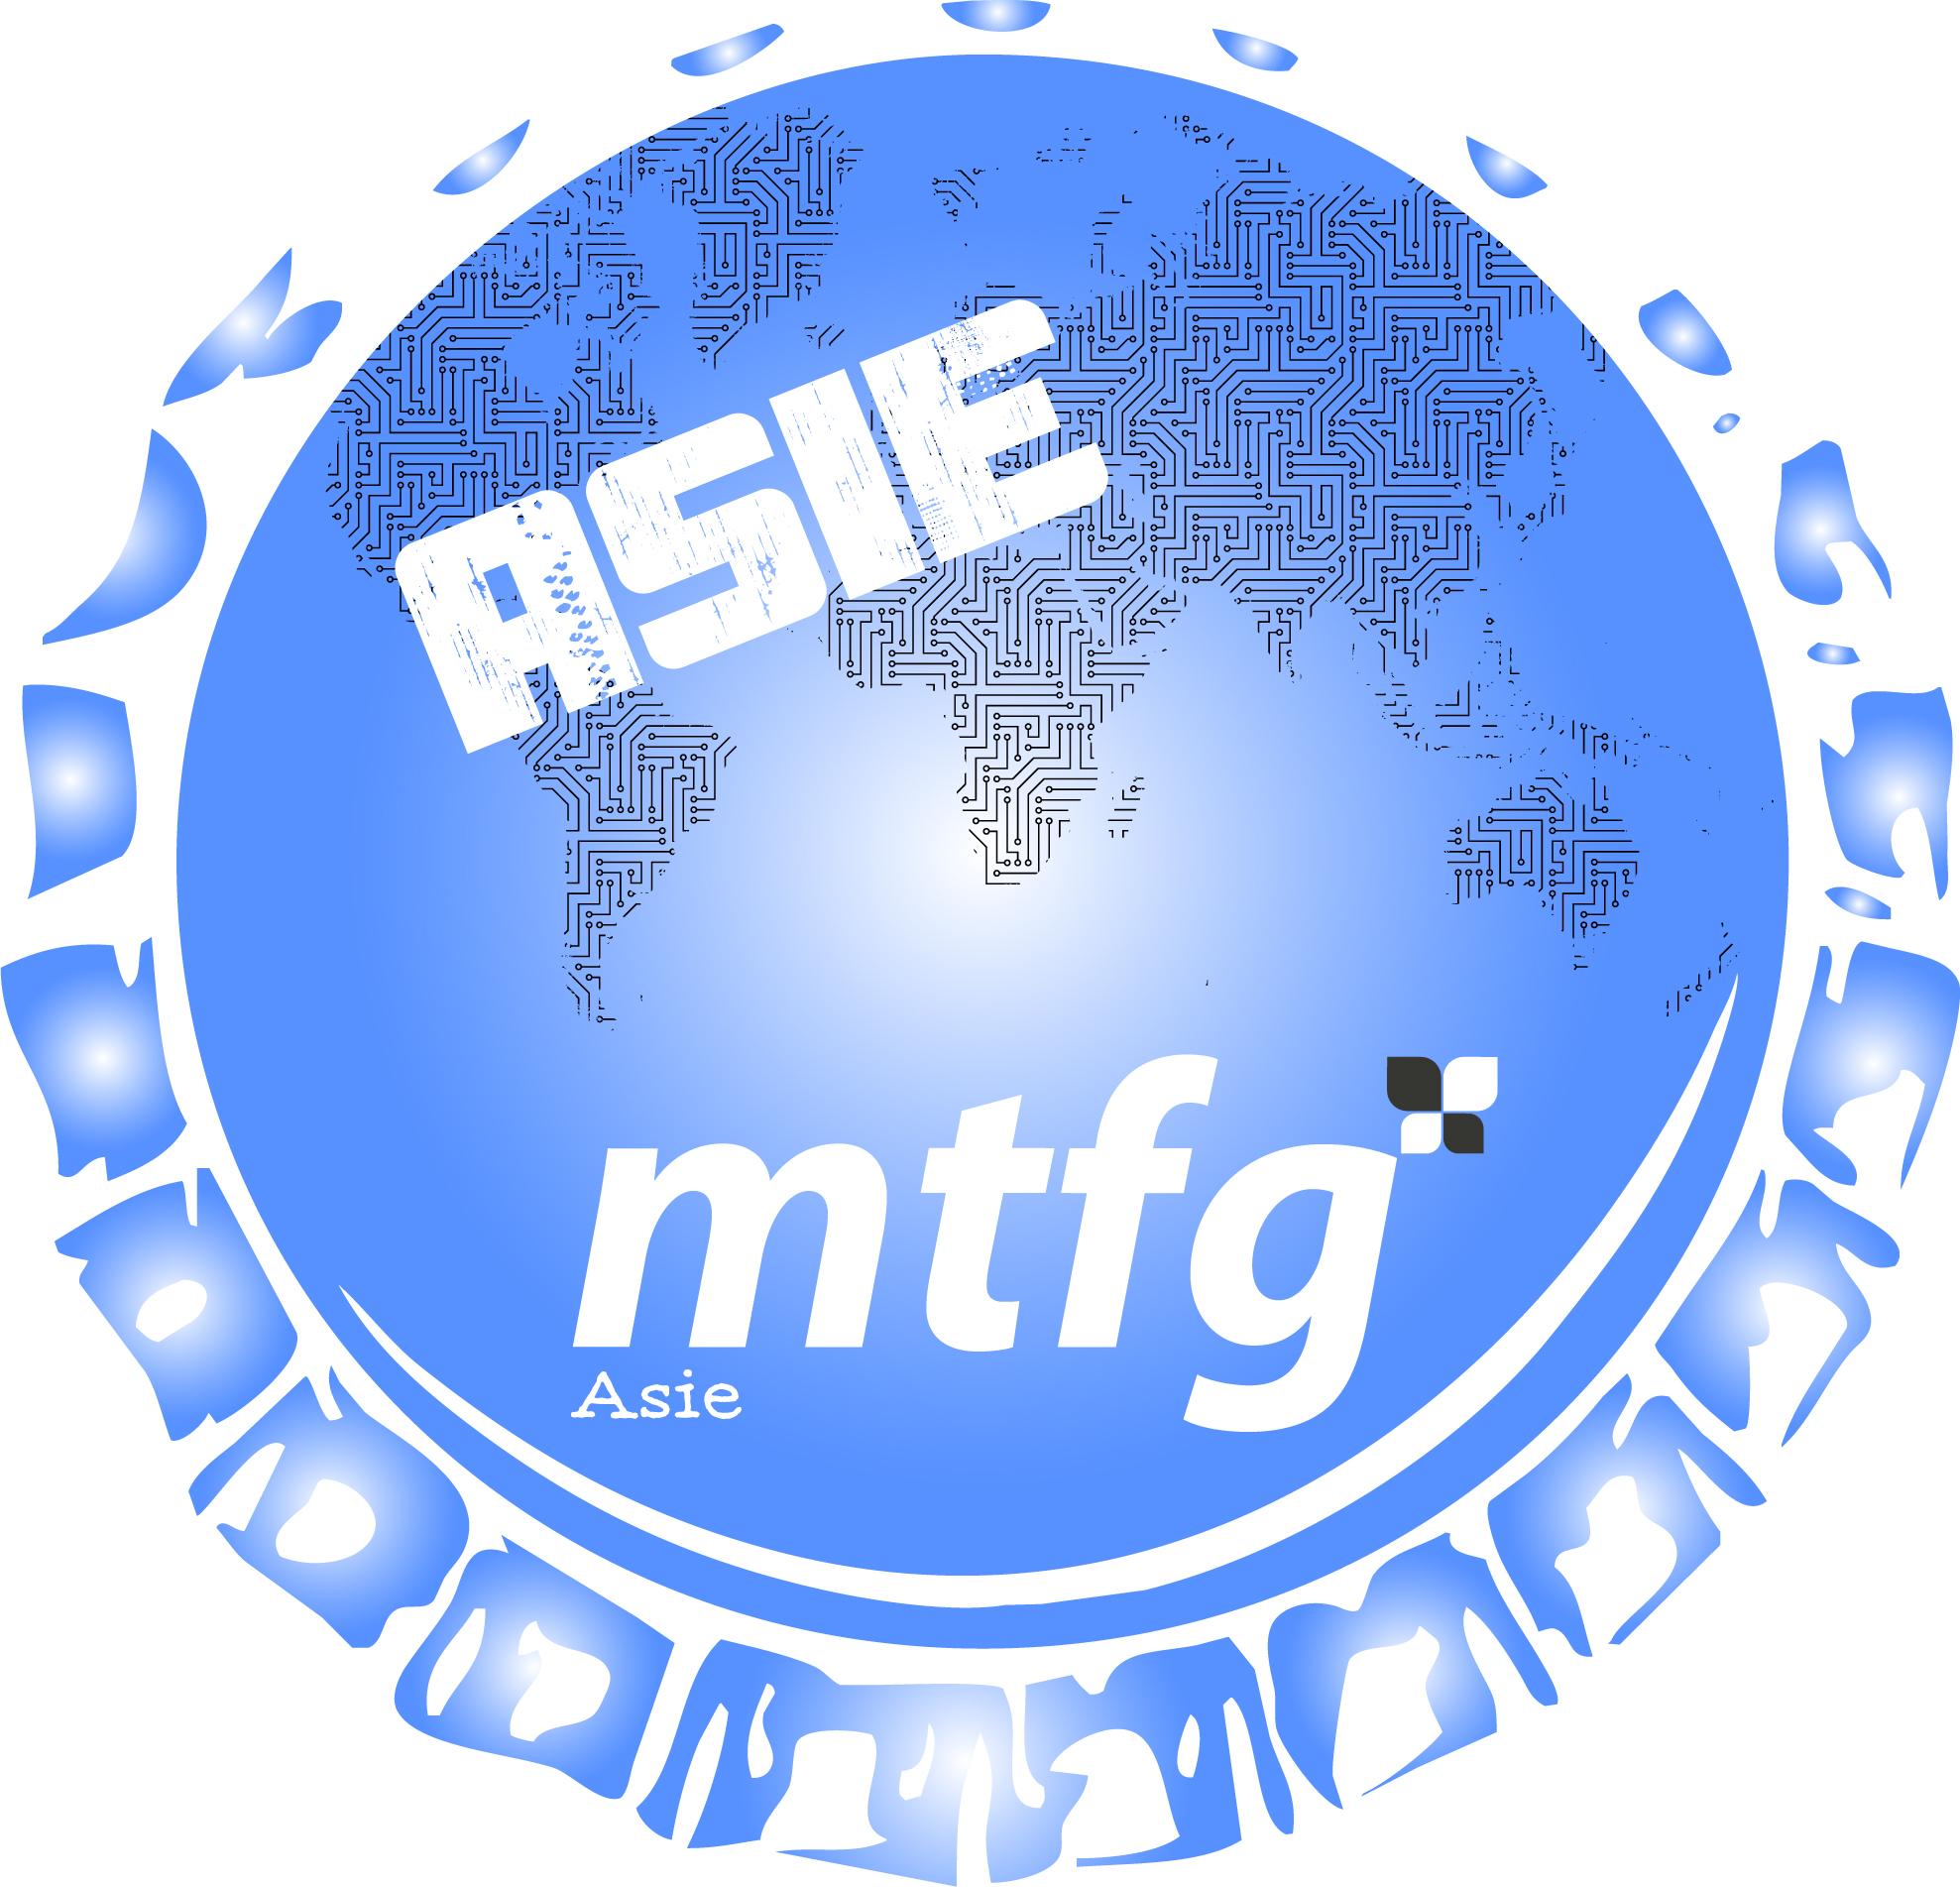 MTFG Asie